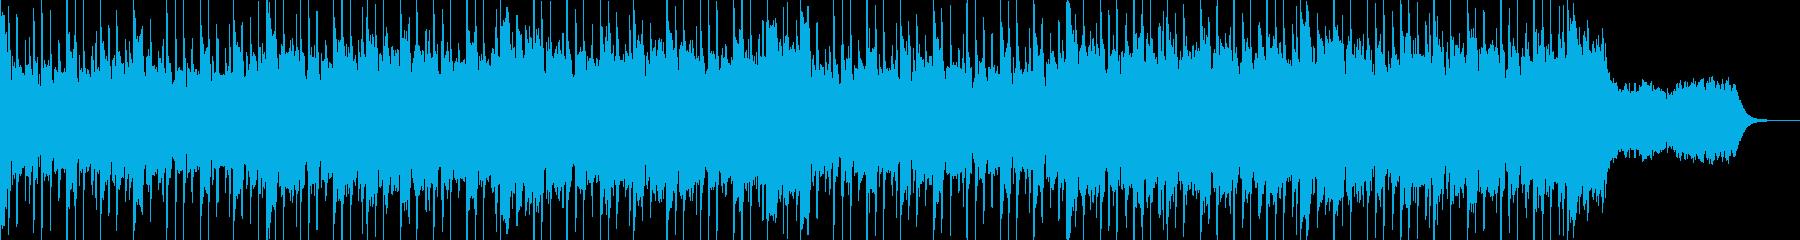 ほのぼの系、オーボエとマリンバのポップスの再生済みの波形